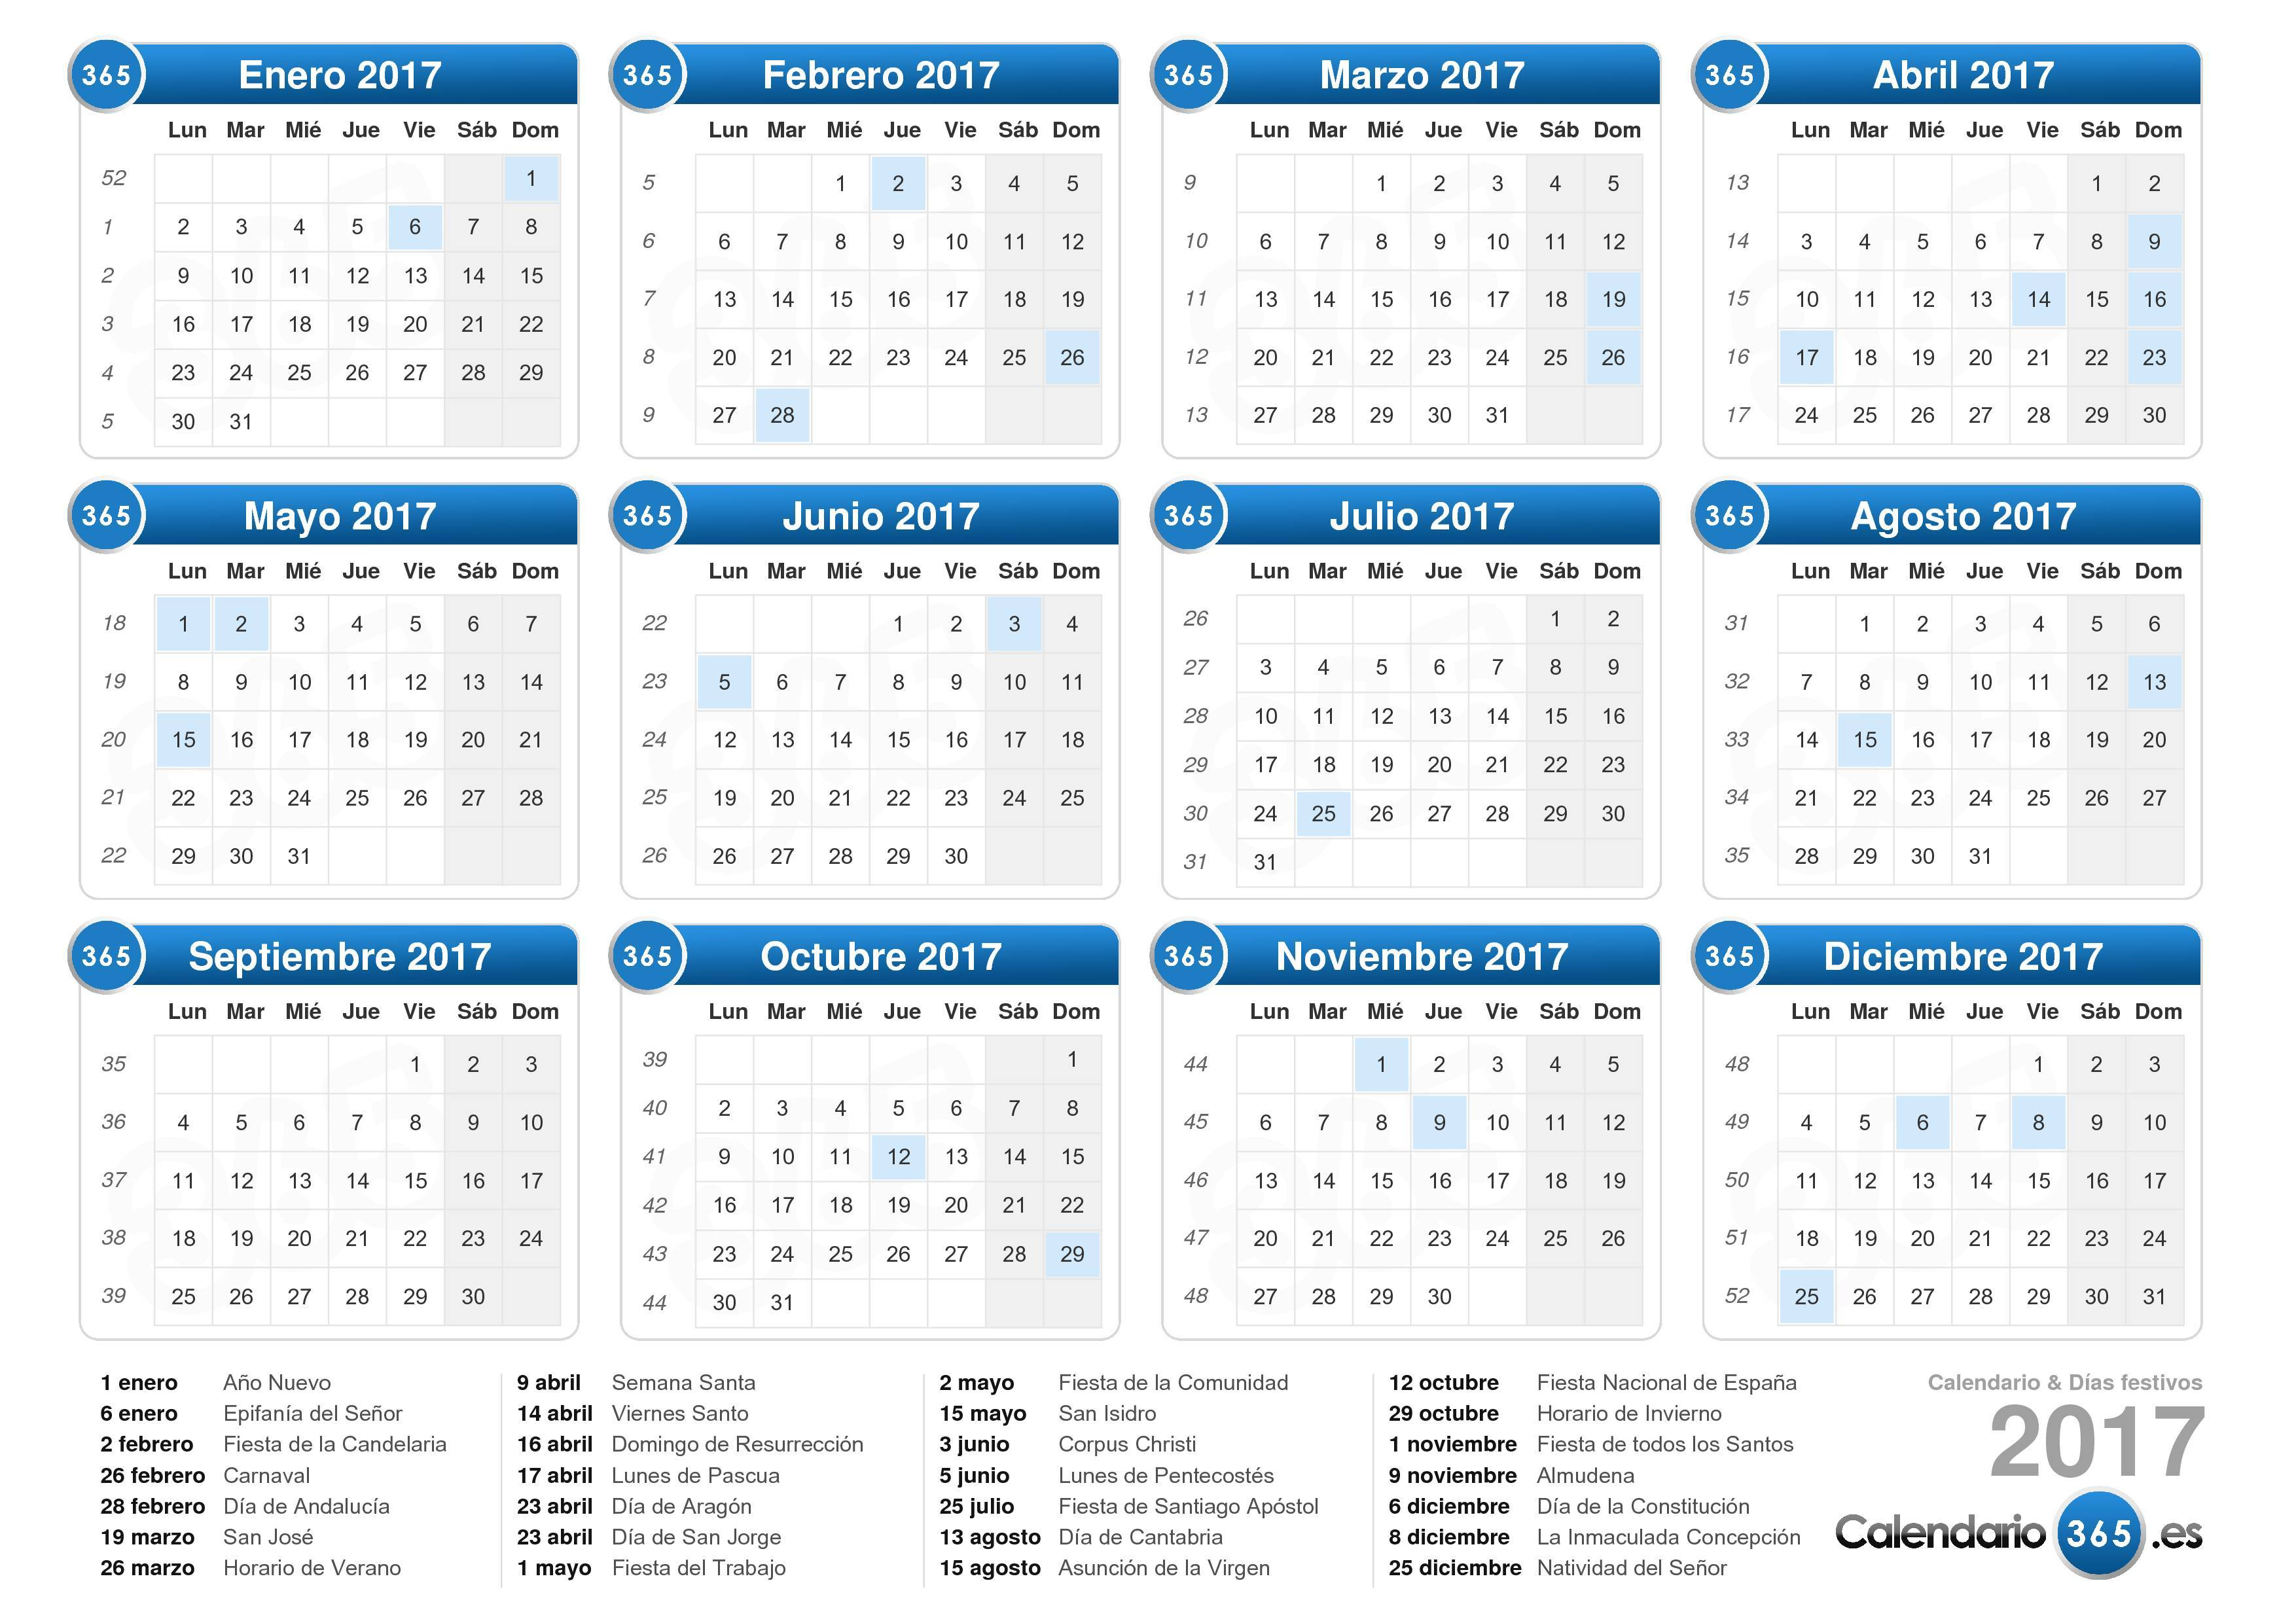 clander for 2010